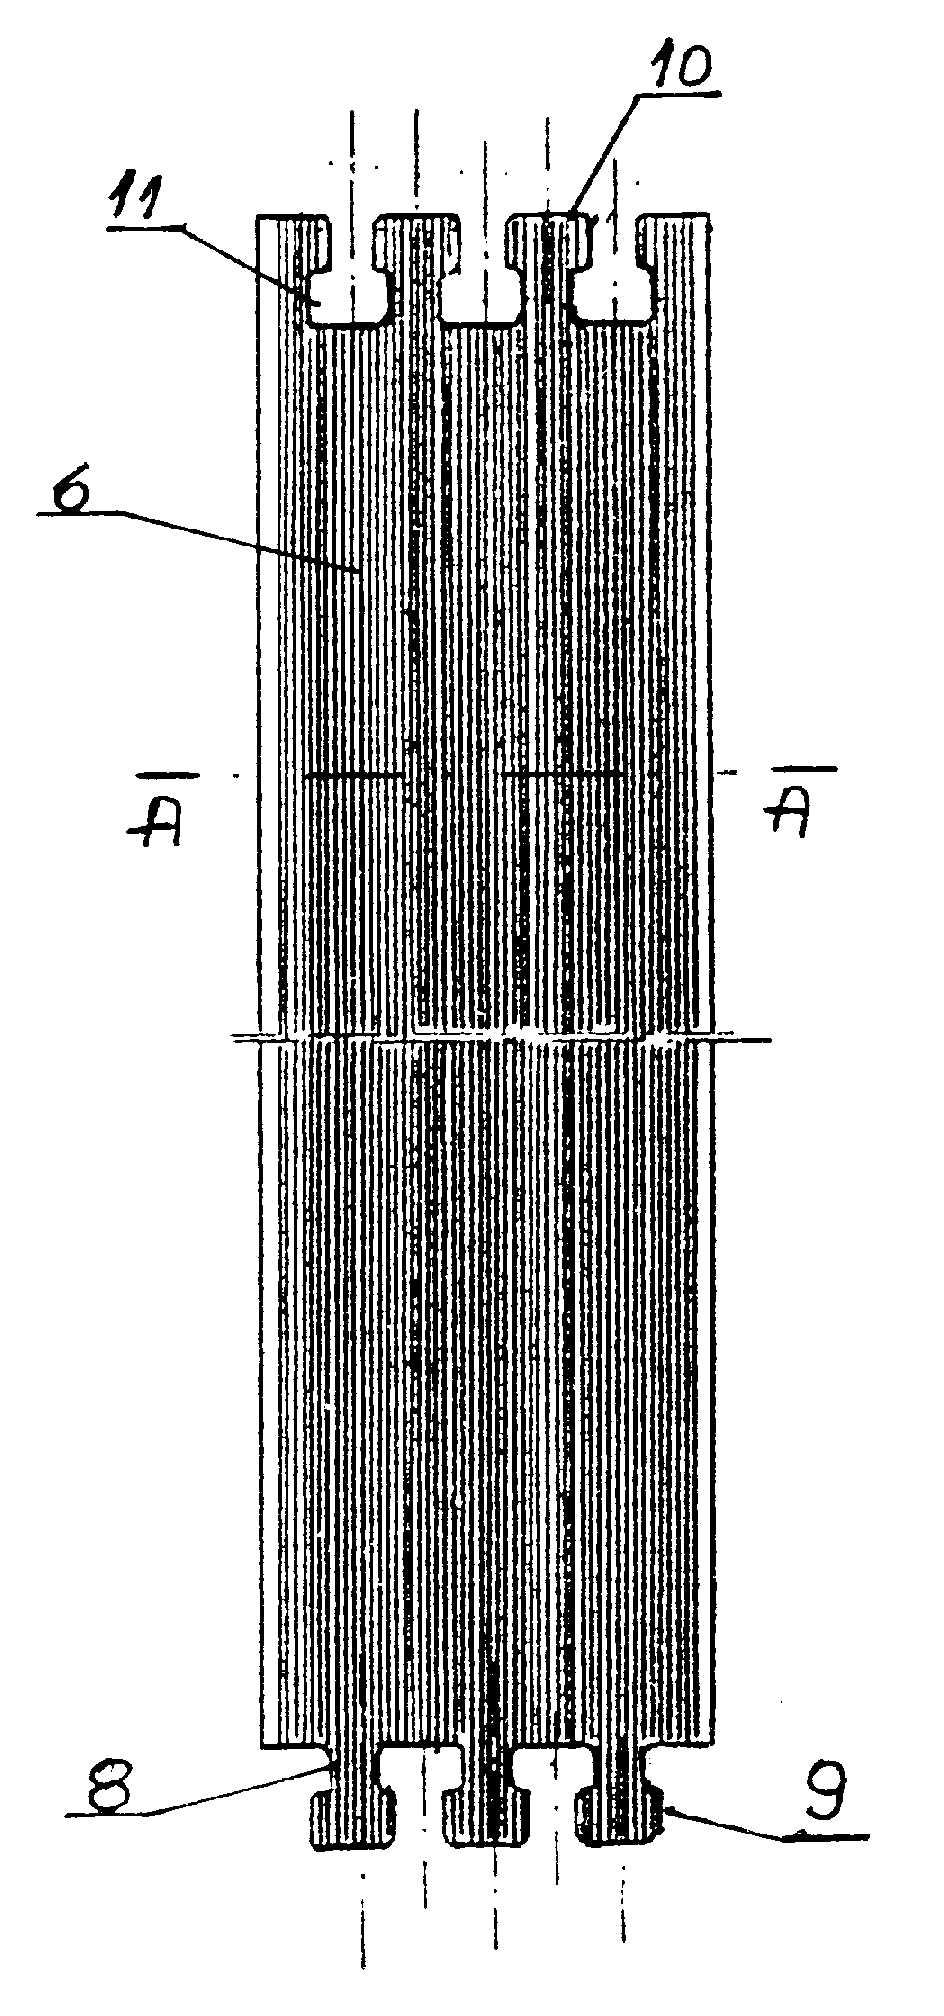 Sposób wytwarzania modułowego podkładu amortyzującego pod szyny jezdne oraz modułowy podkład amortyzujący pod szyny jezdne